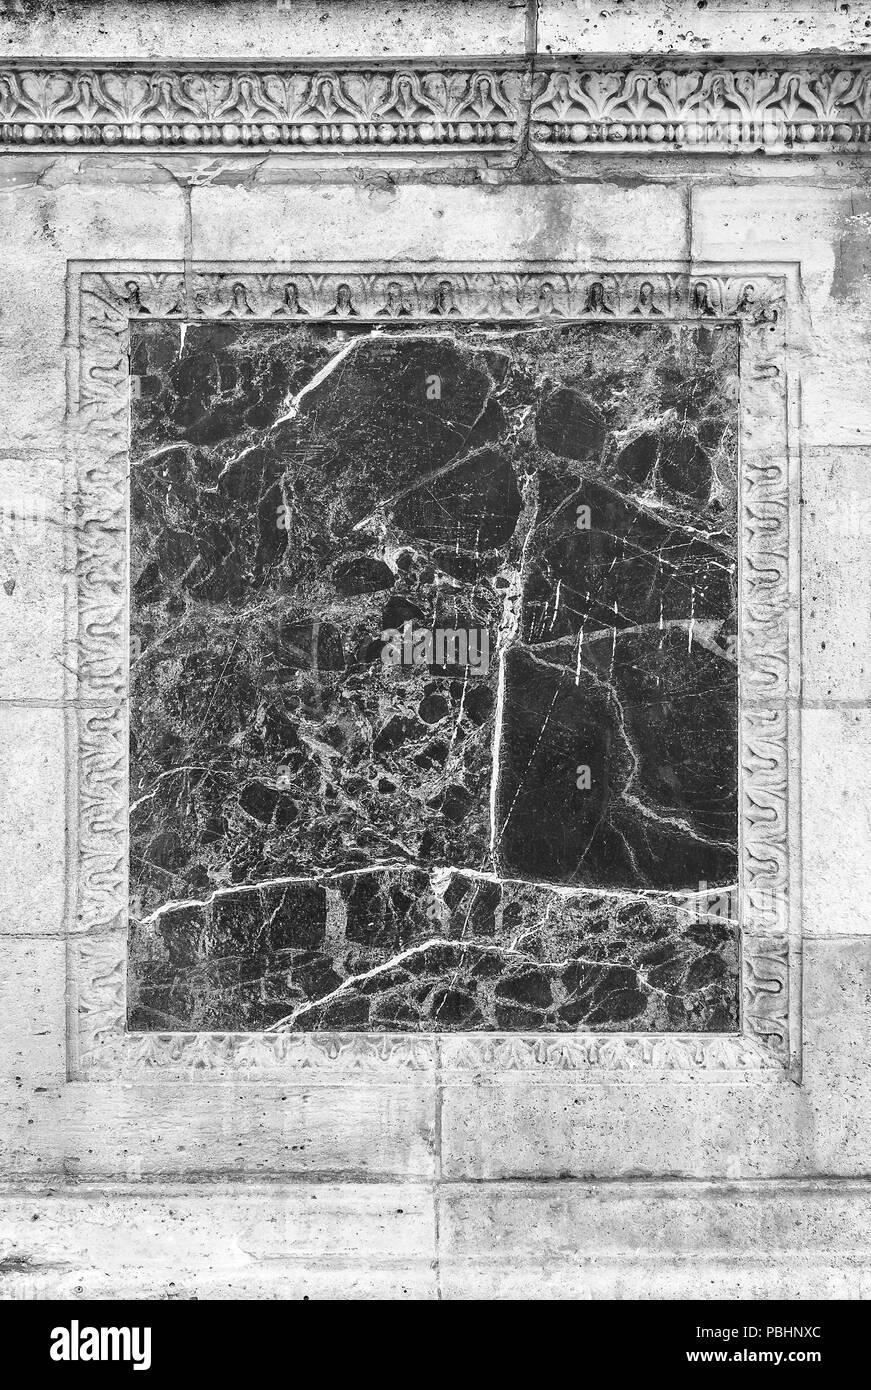 Inserto de mármol de un antiguo muro. Foto de stock